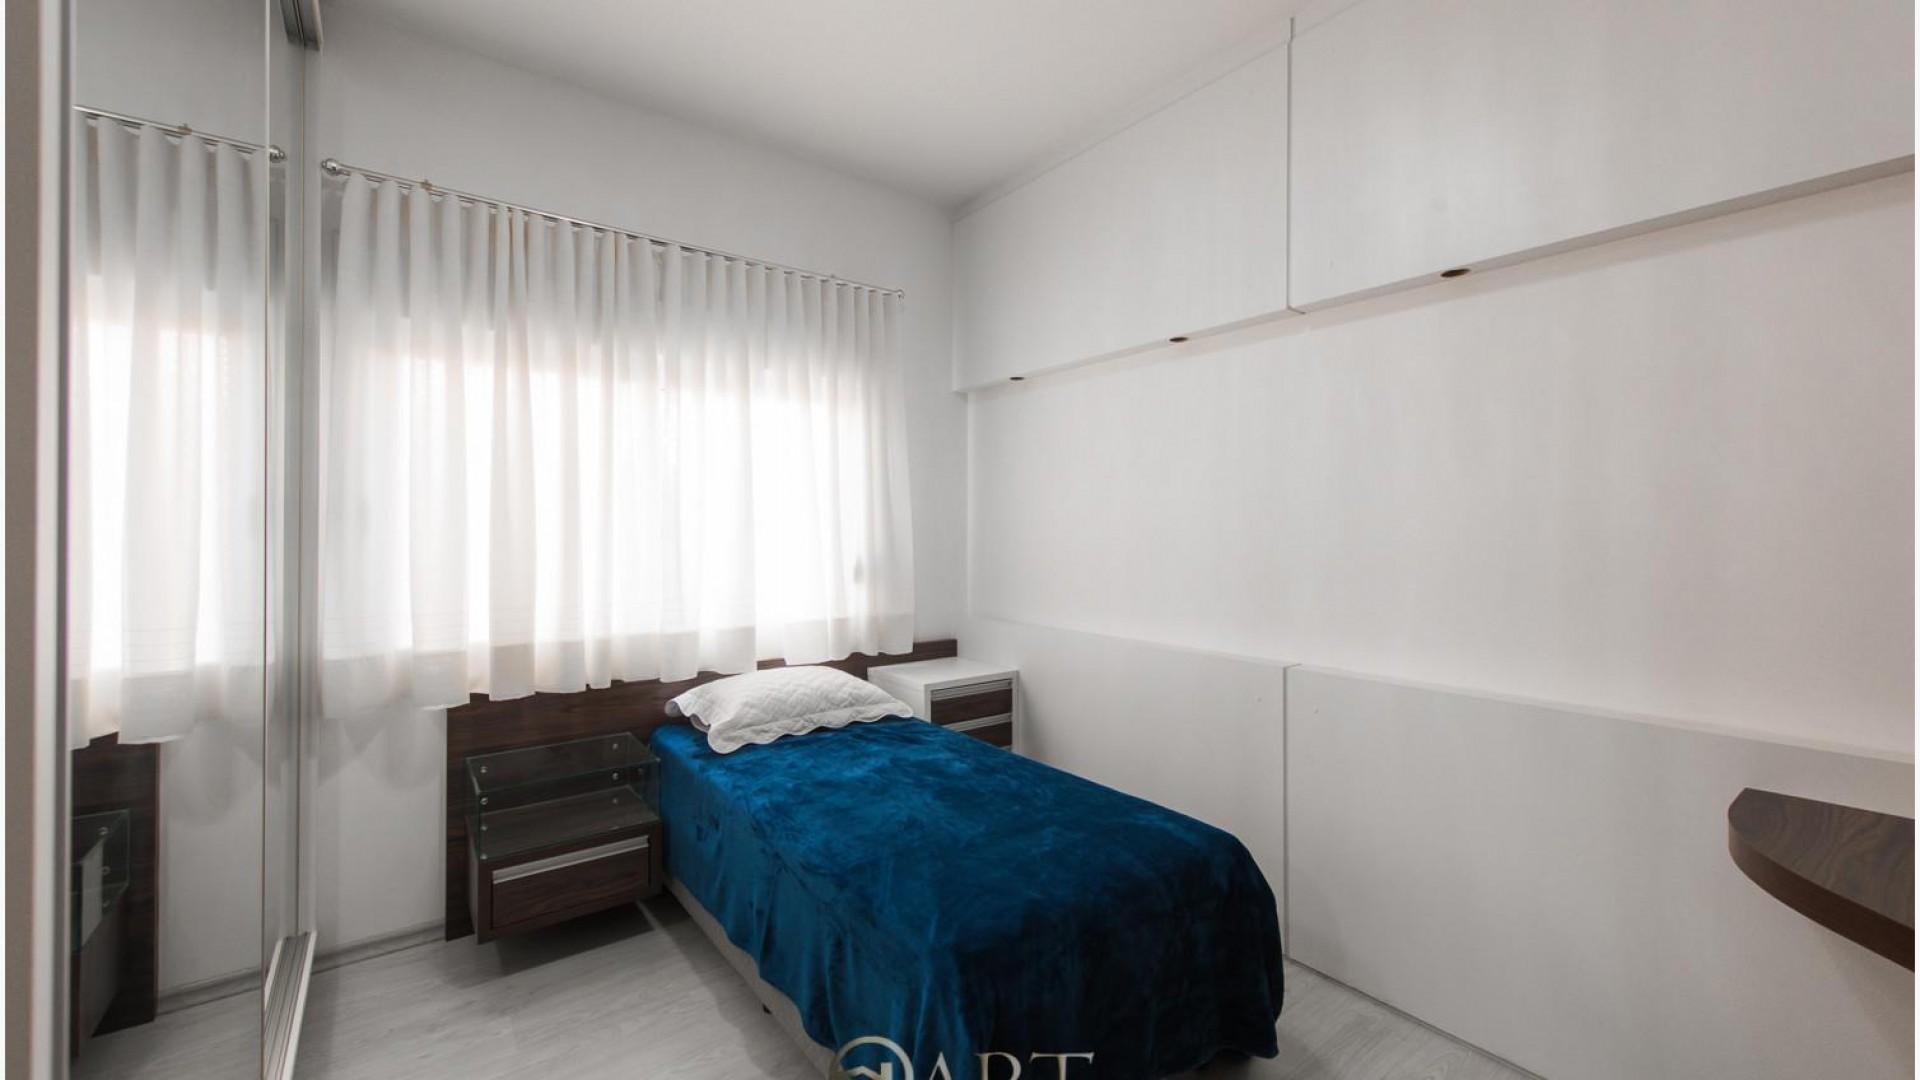 Apartamento com 3 suítes abastecido com Água Termal em Termas do Gravatal - Foto 12 WC Suite Master com Banheira Hidro